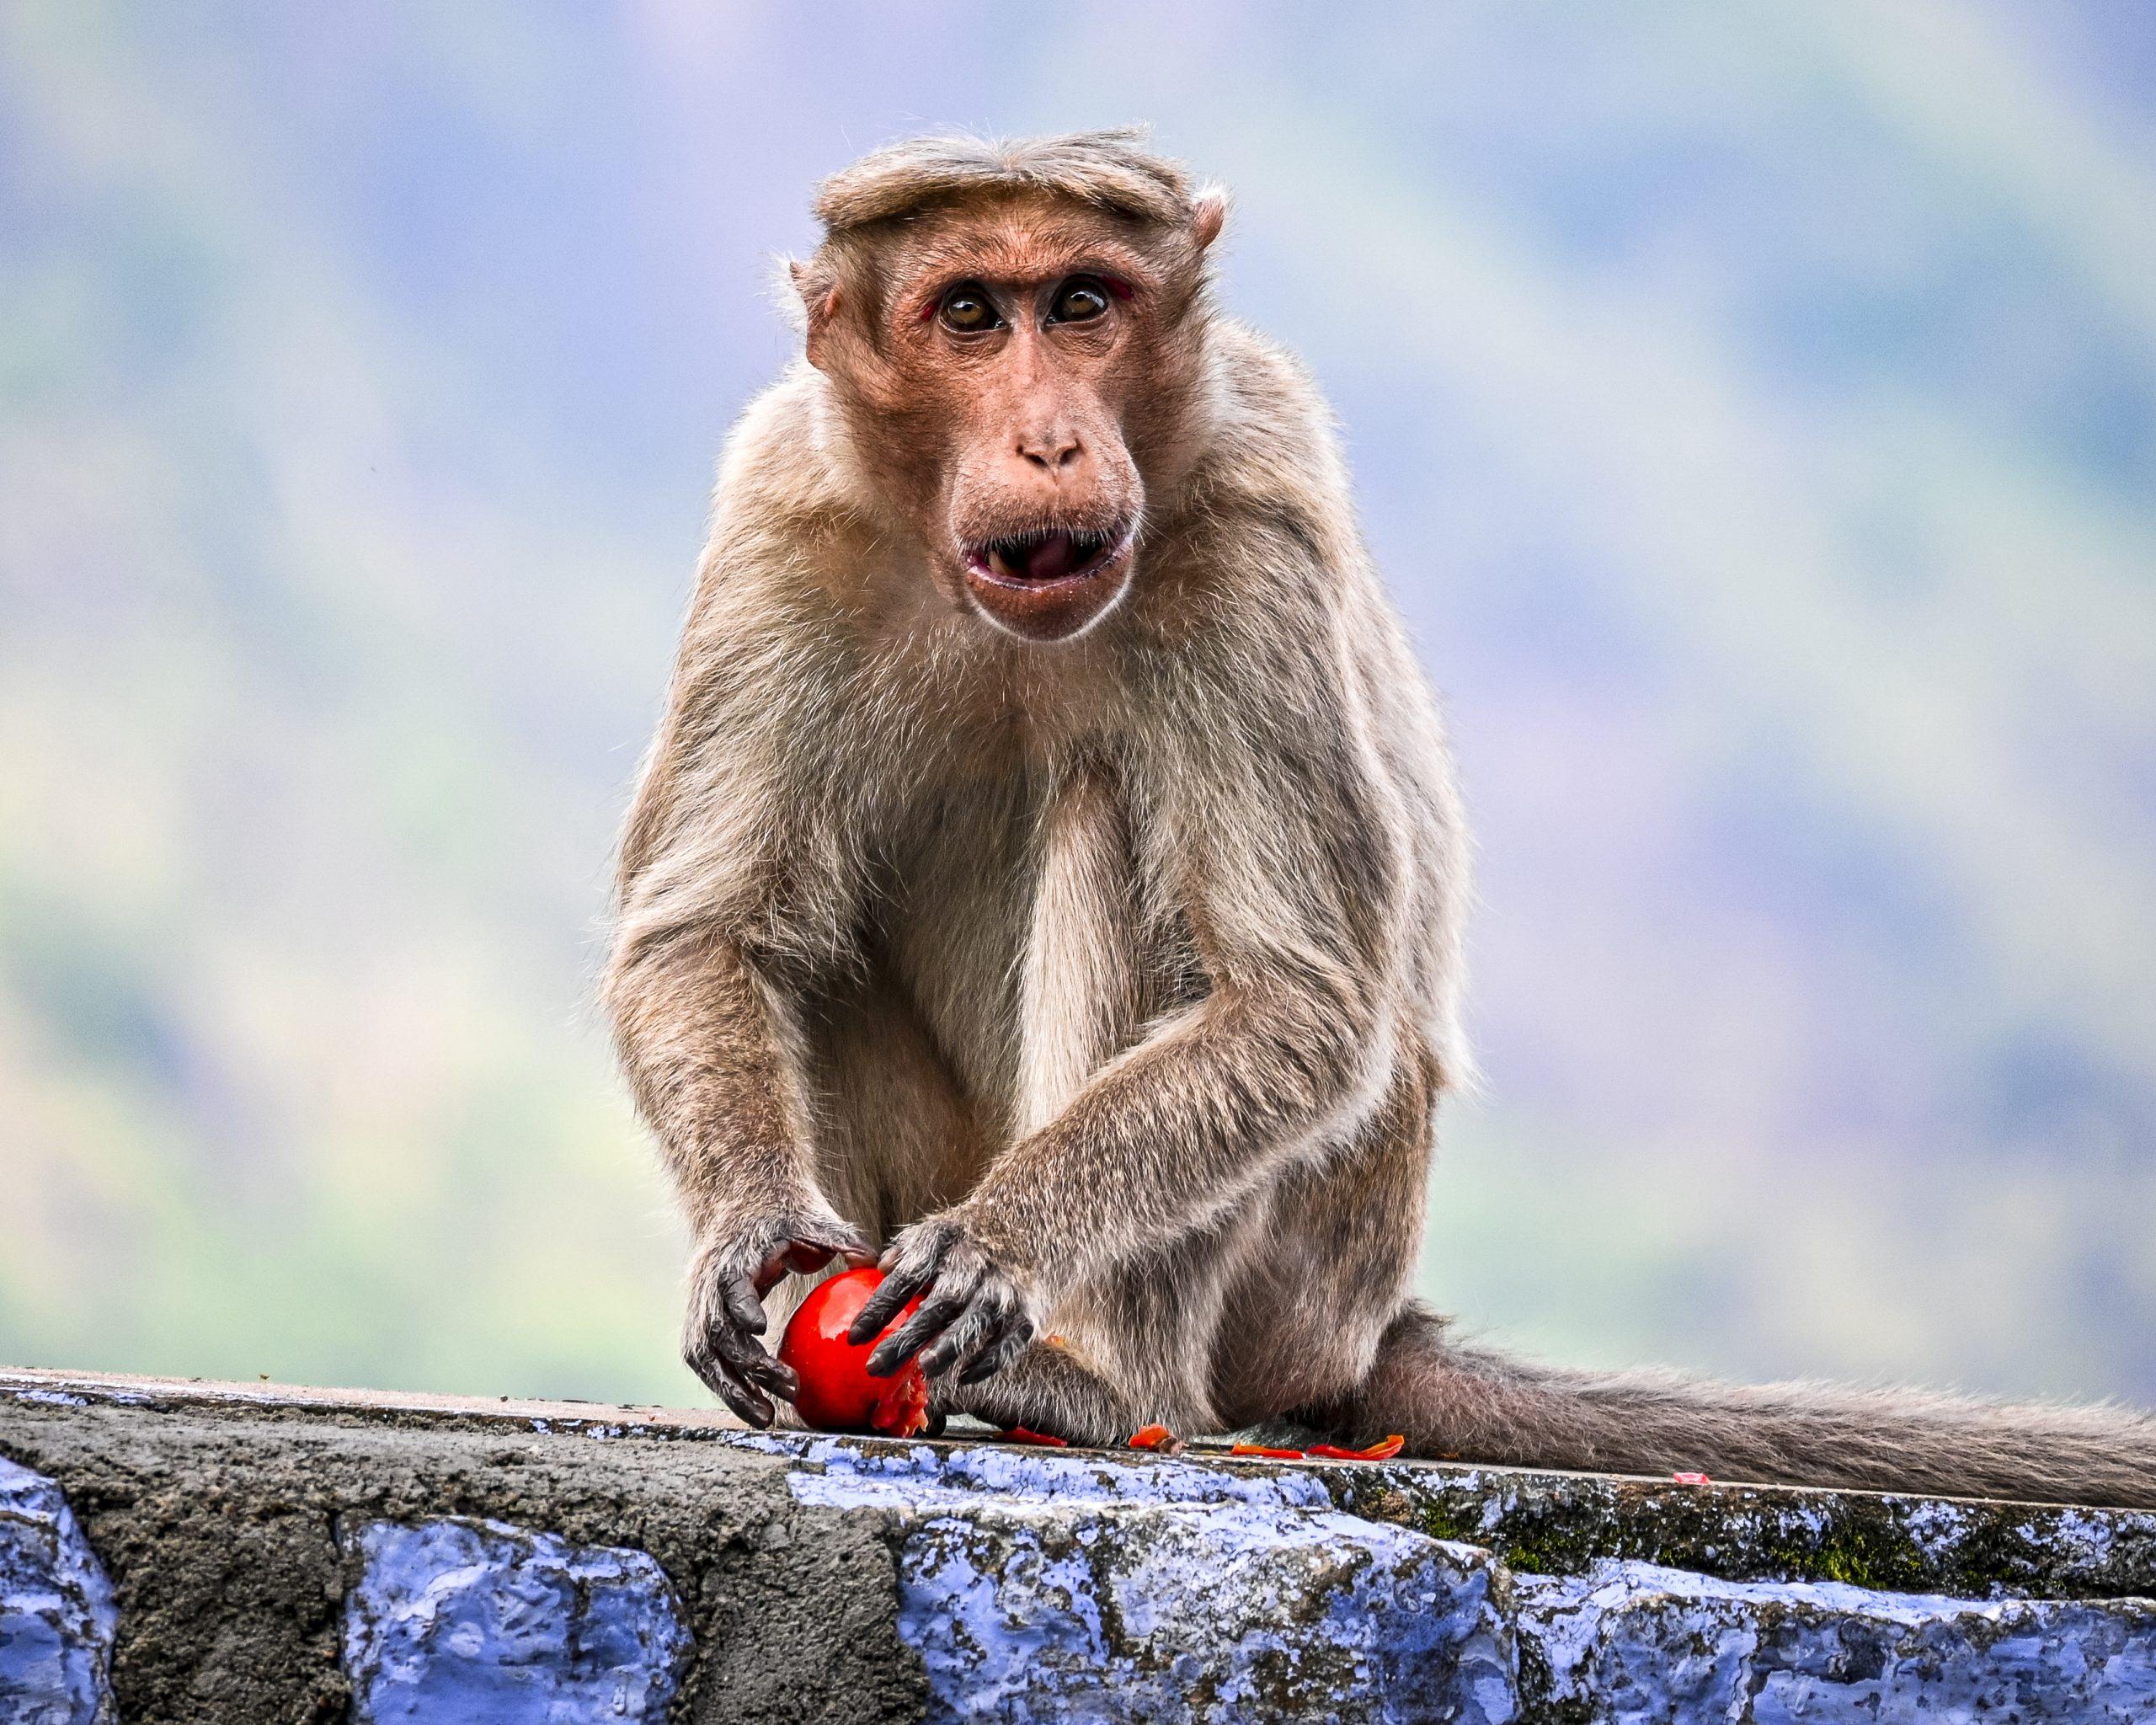 A monkey eating tomato